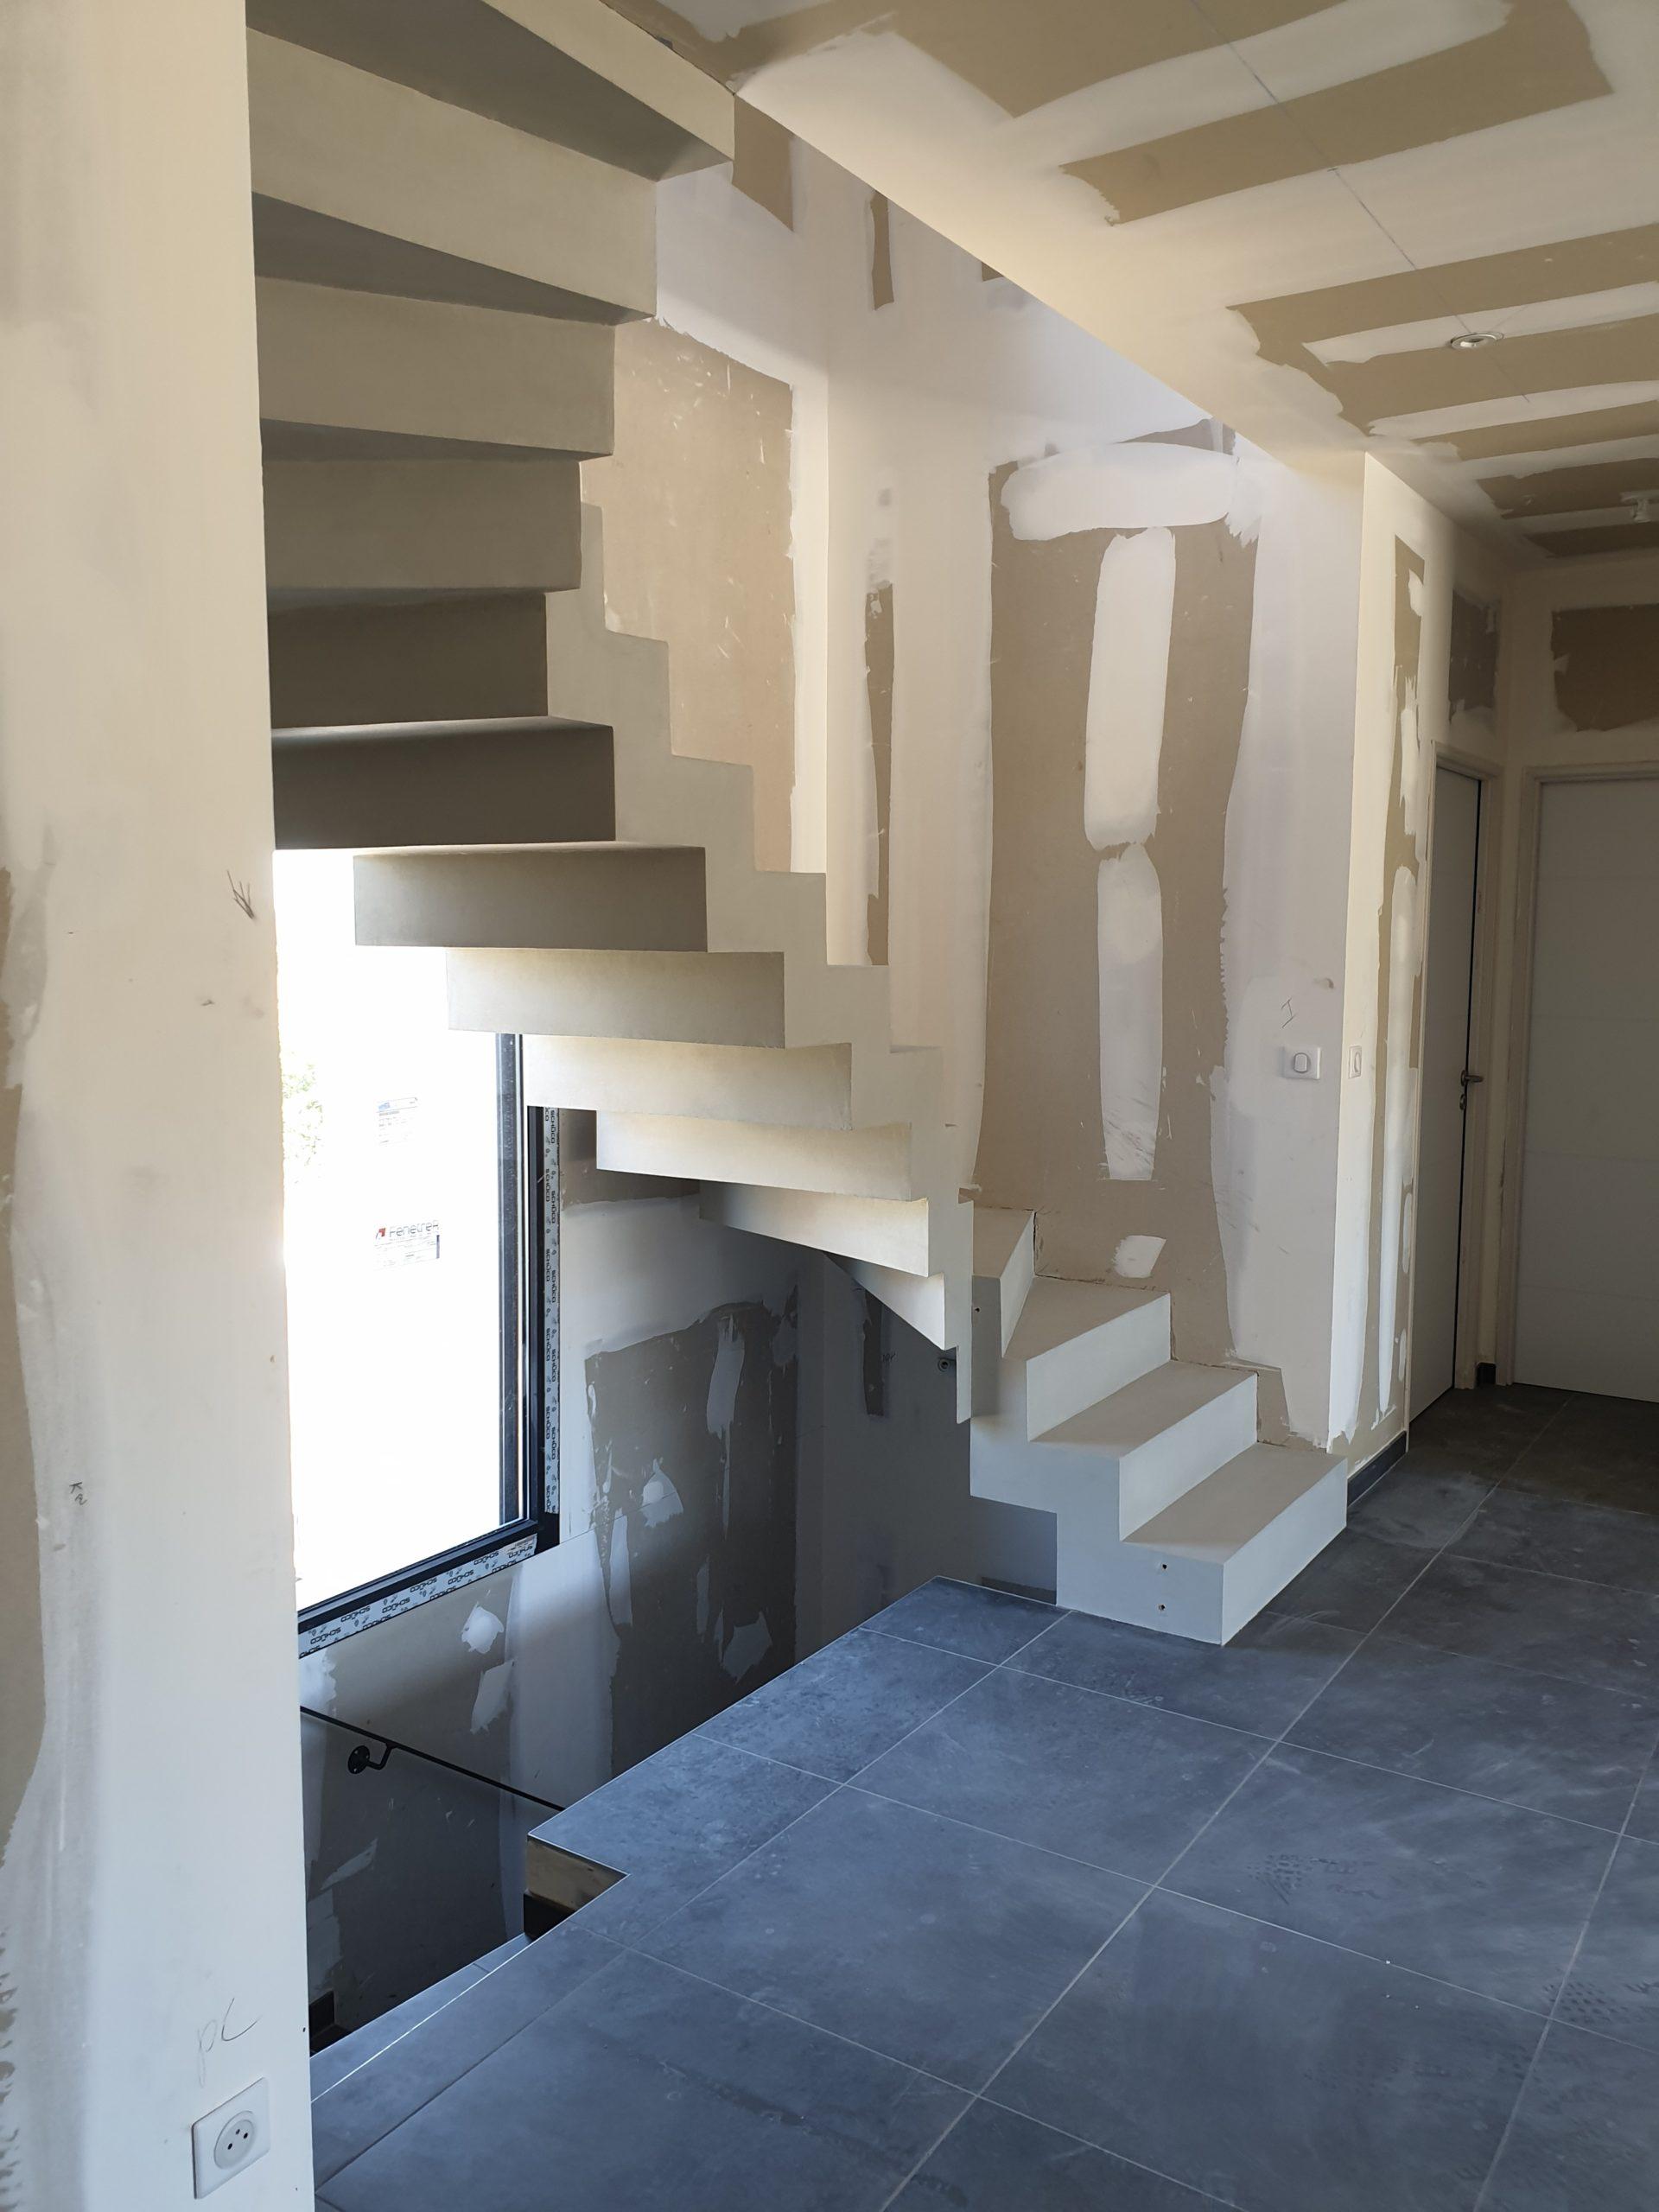 Réalisation d'un escalier béton avec application d'un béton ciré